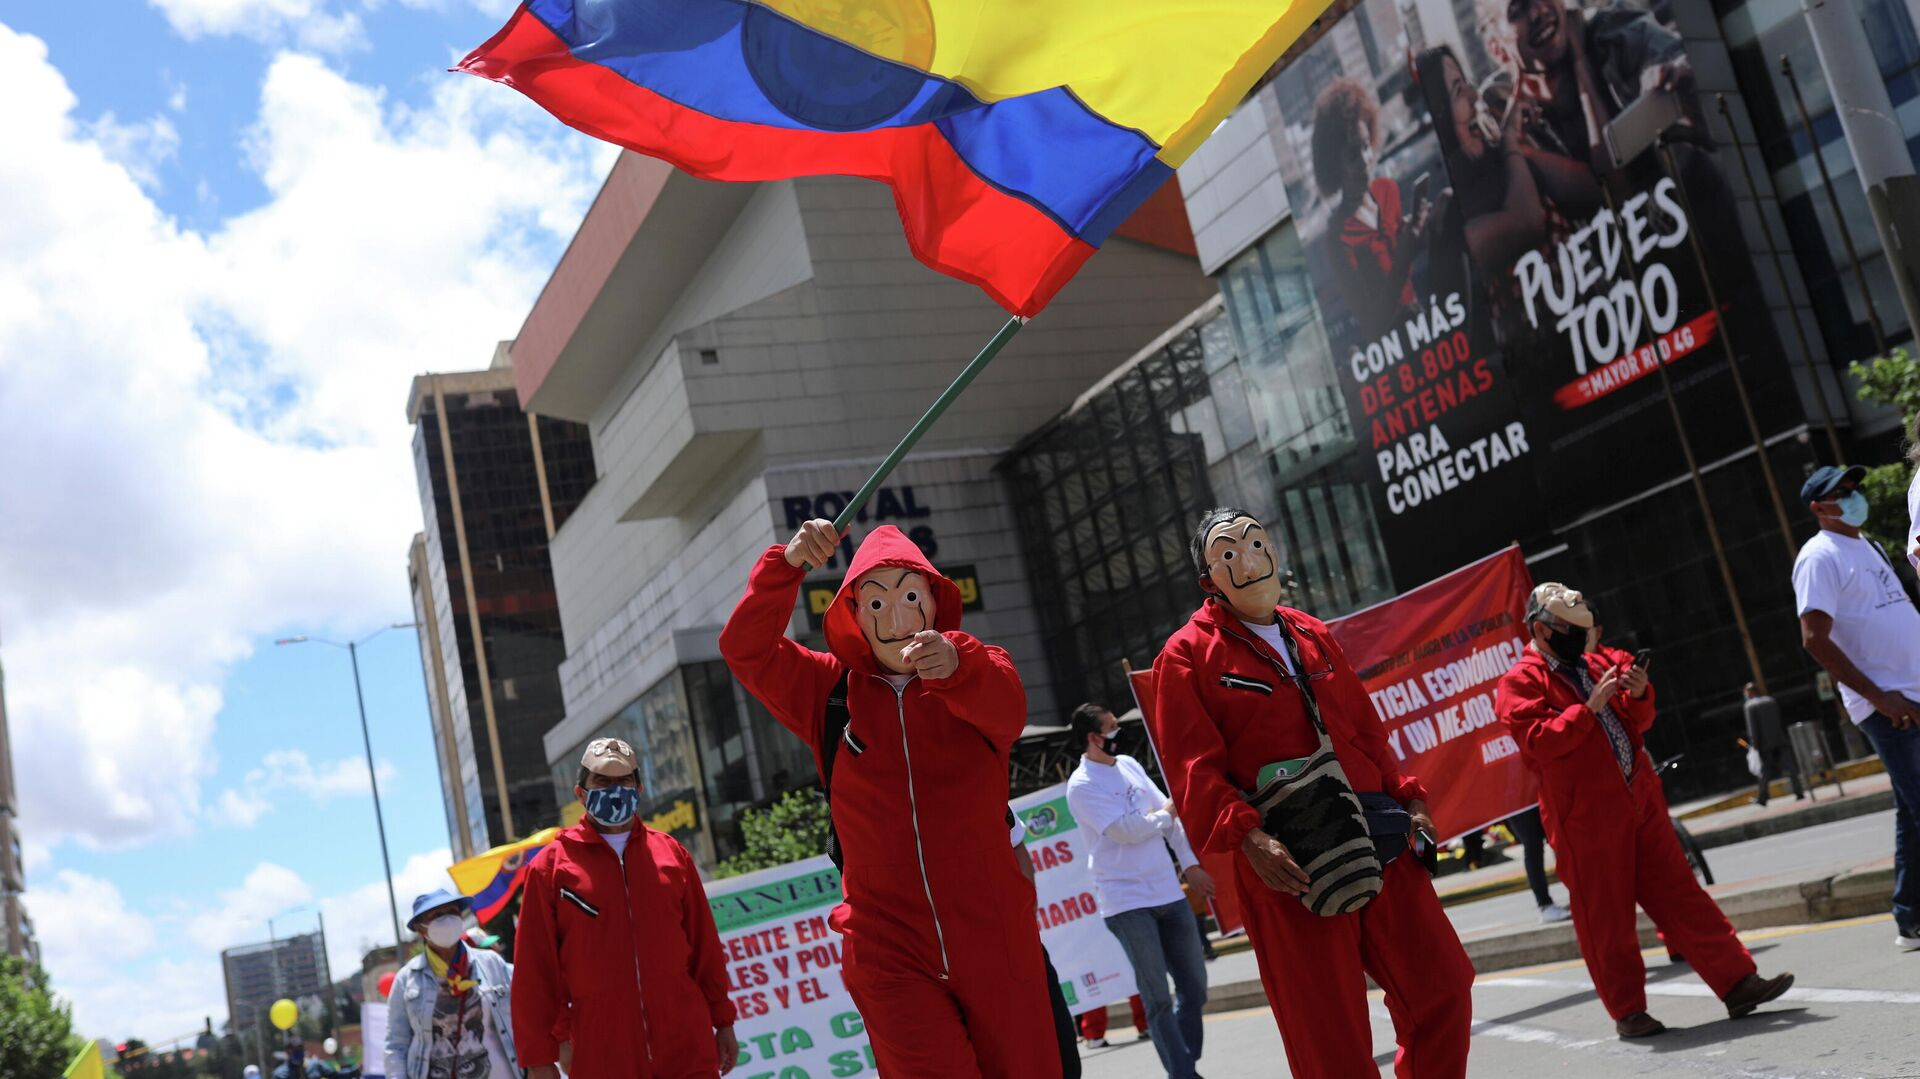 Nueva jornada de movilizaciones en Colombia - Sputnik Mundo, 1920, 19.05.2021